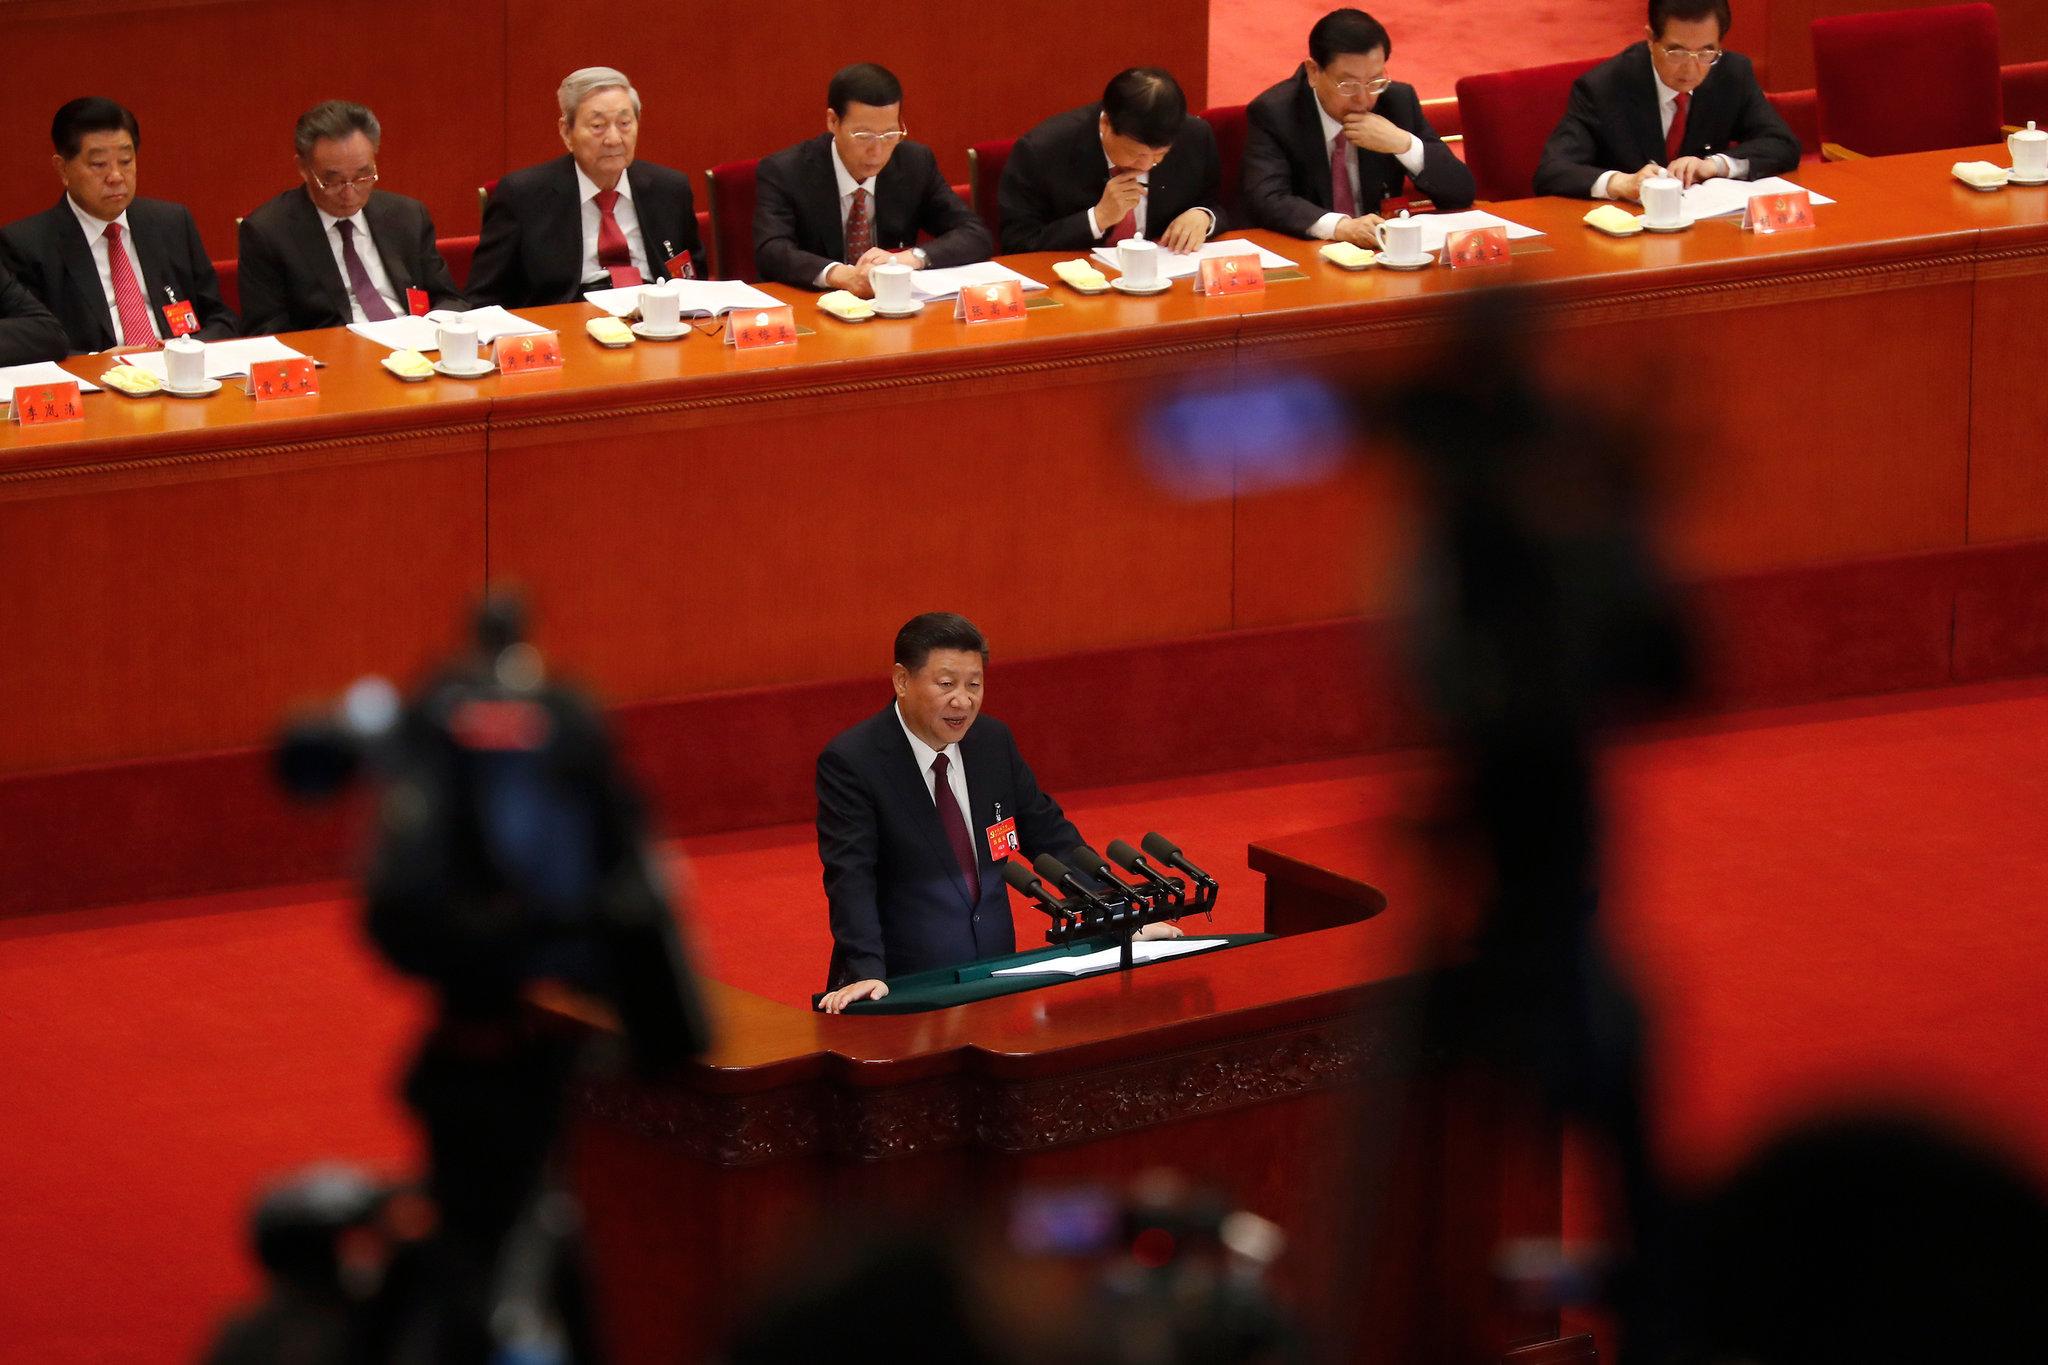 Председник Кине Си Ђинпинг држи говор на отварању 19. Конгреса Комунистичке партије Кине у Великој сали народа, Пекинг, 18. октобар 2017. (Фото: Andy Wong/Associated Press)